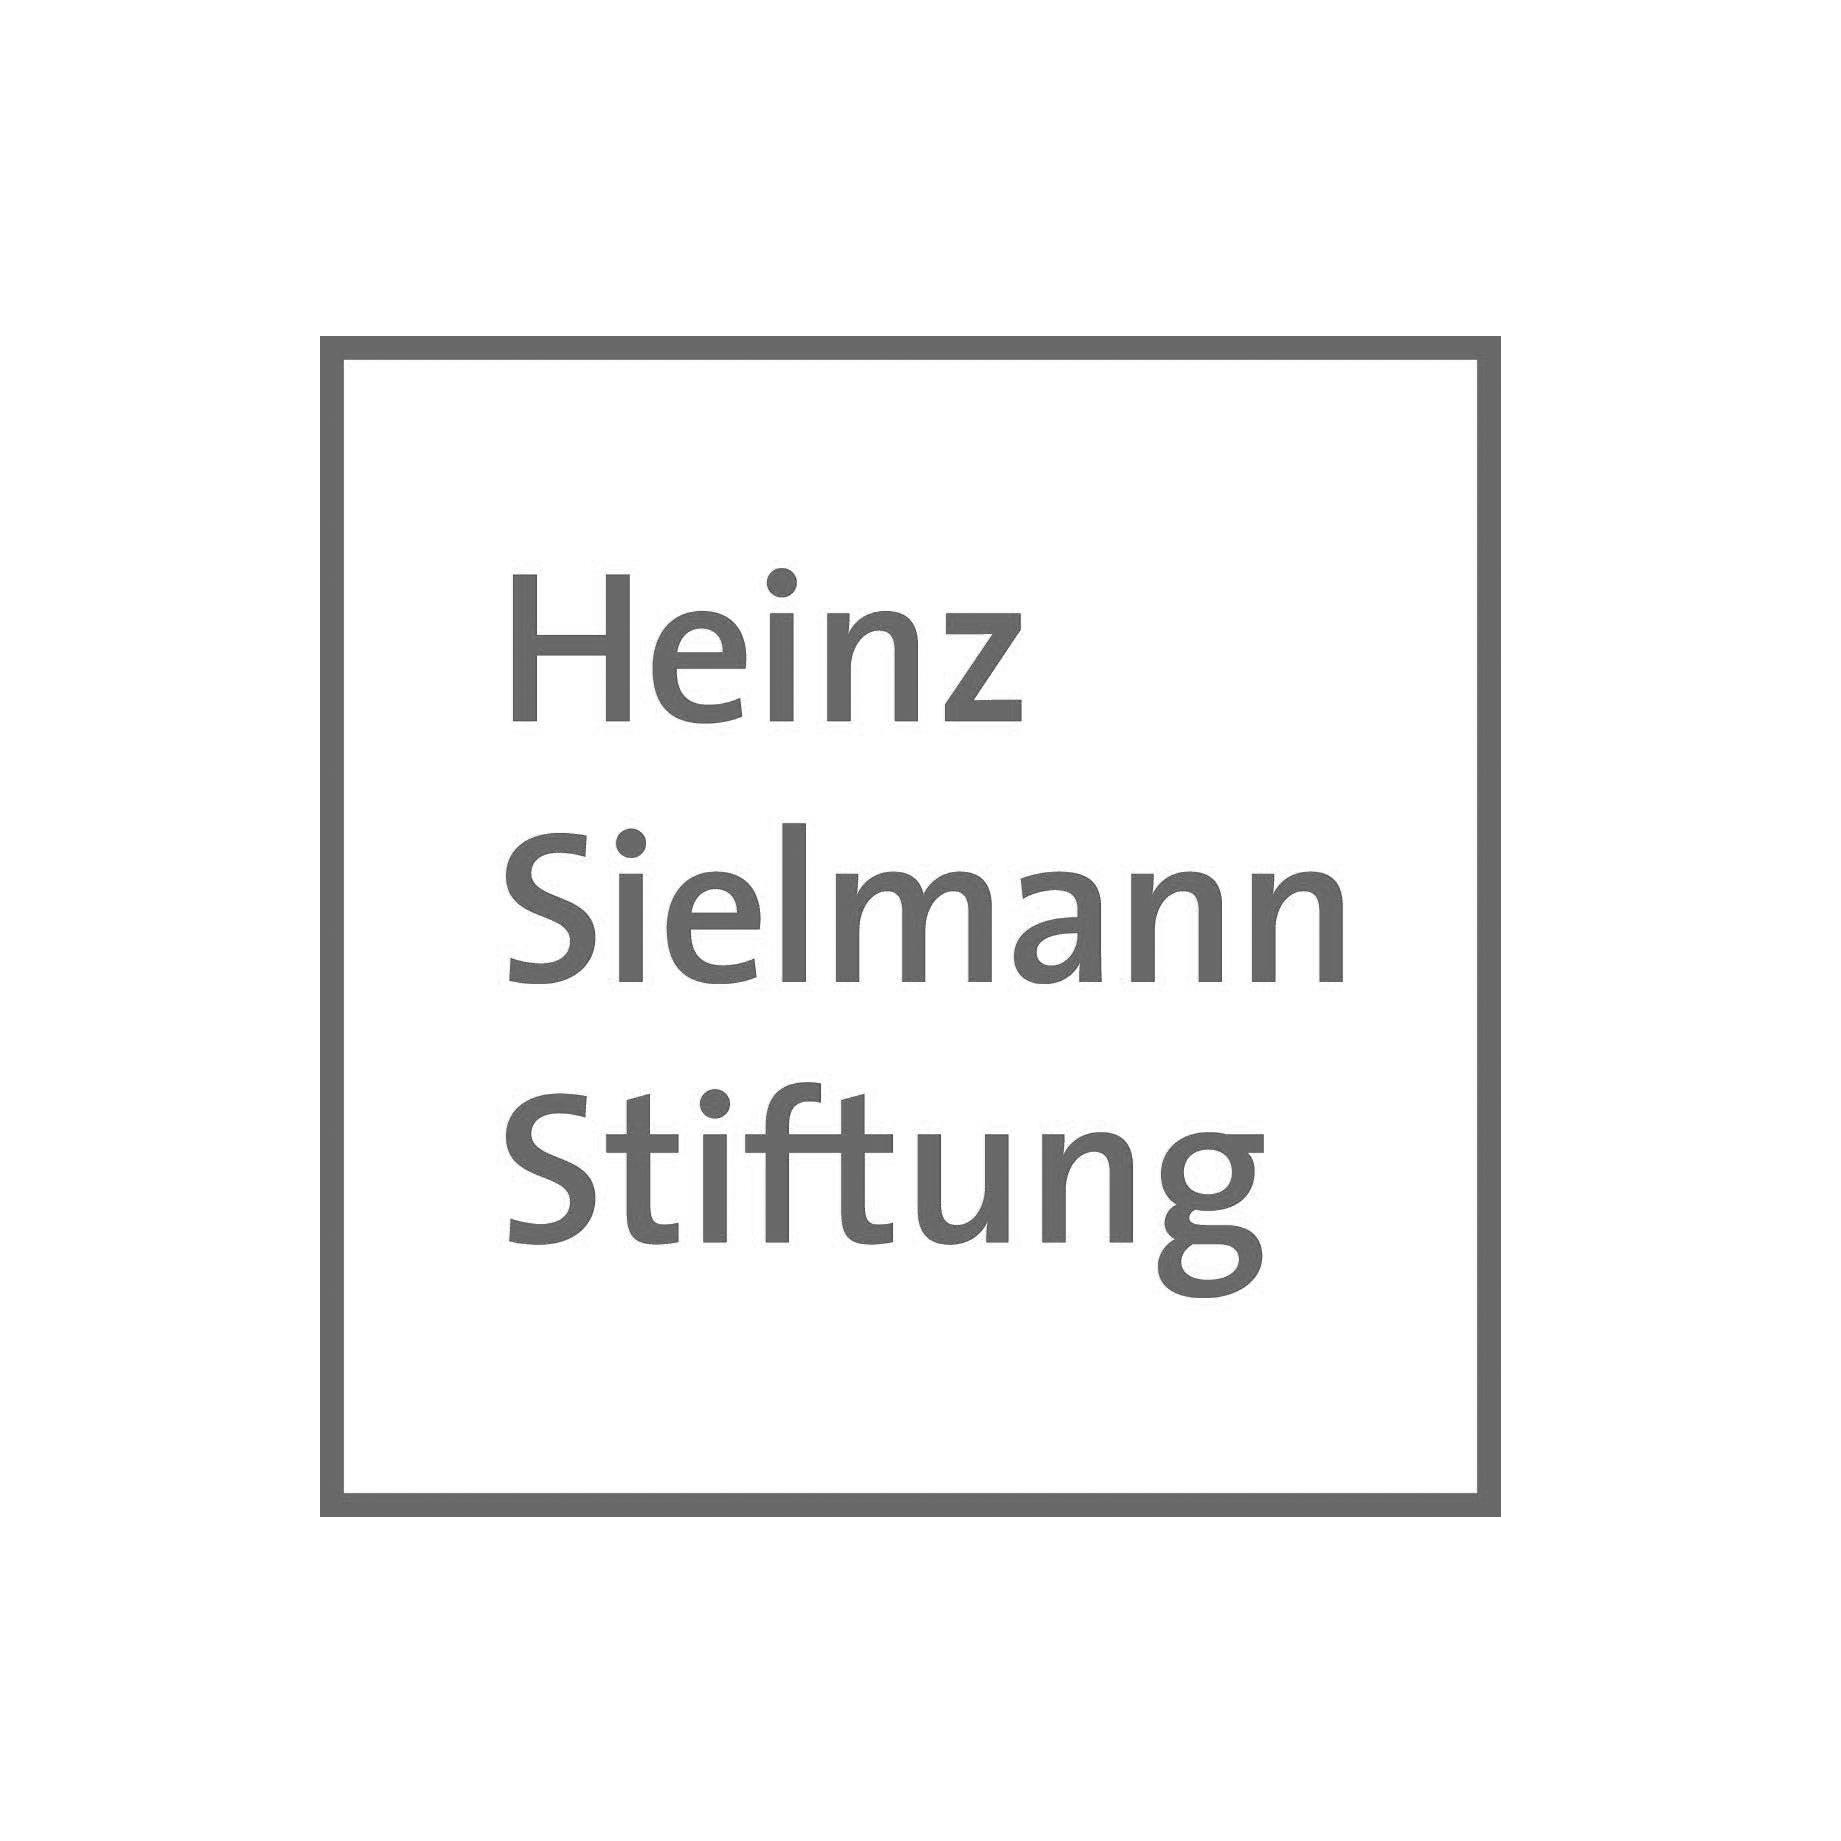 Logo Sielmann Stiftung grey